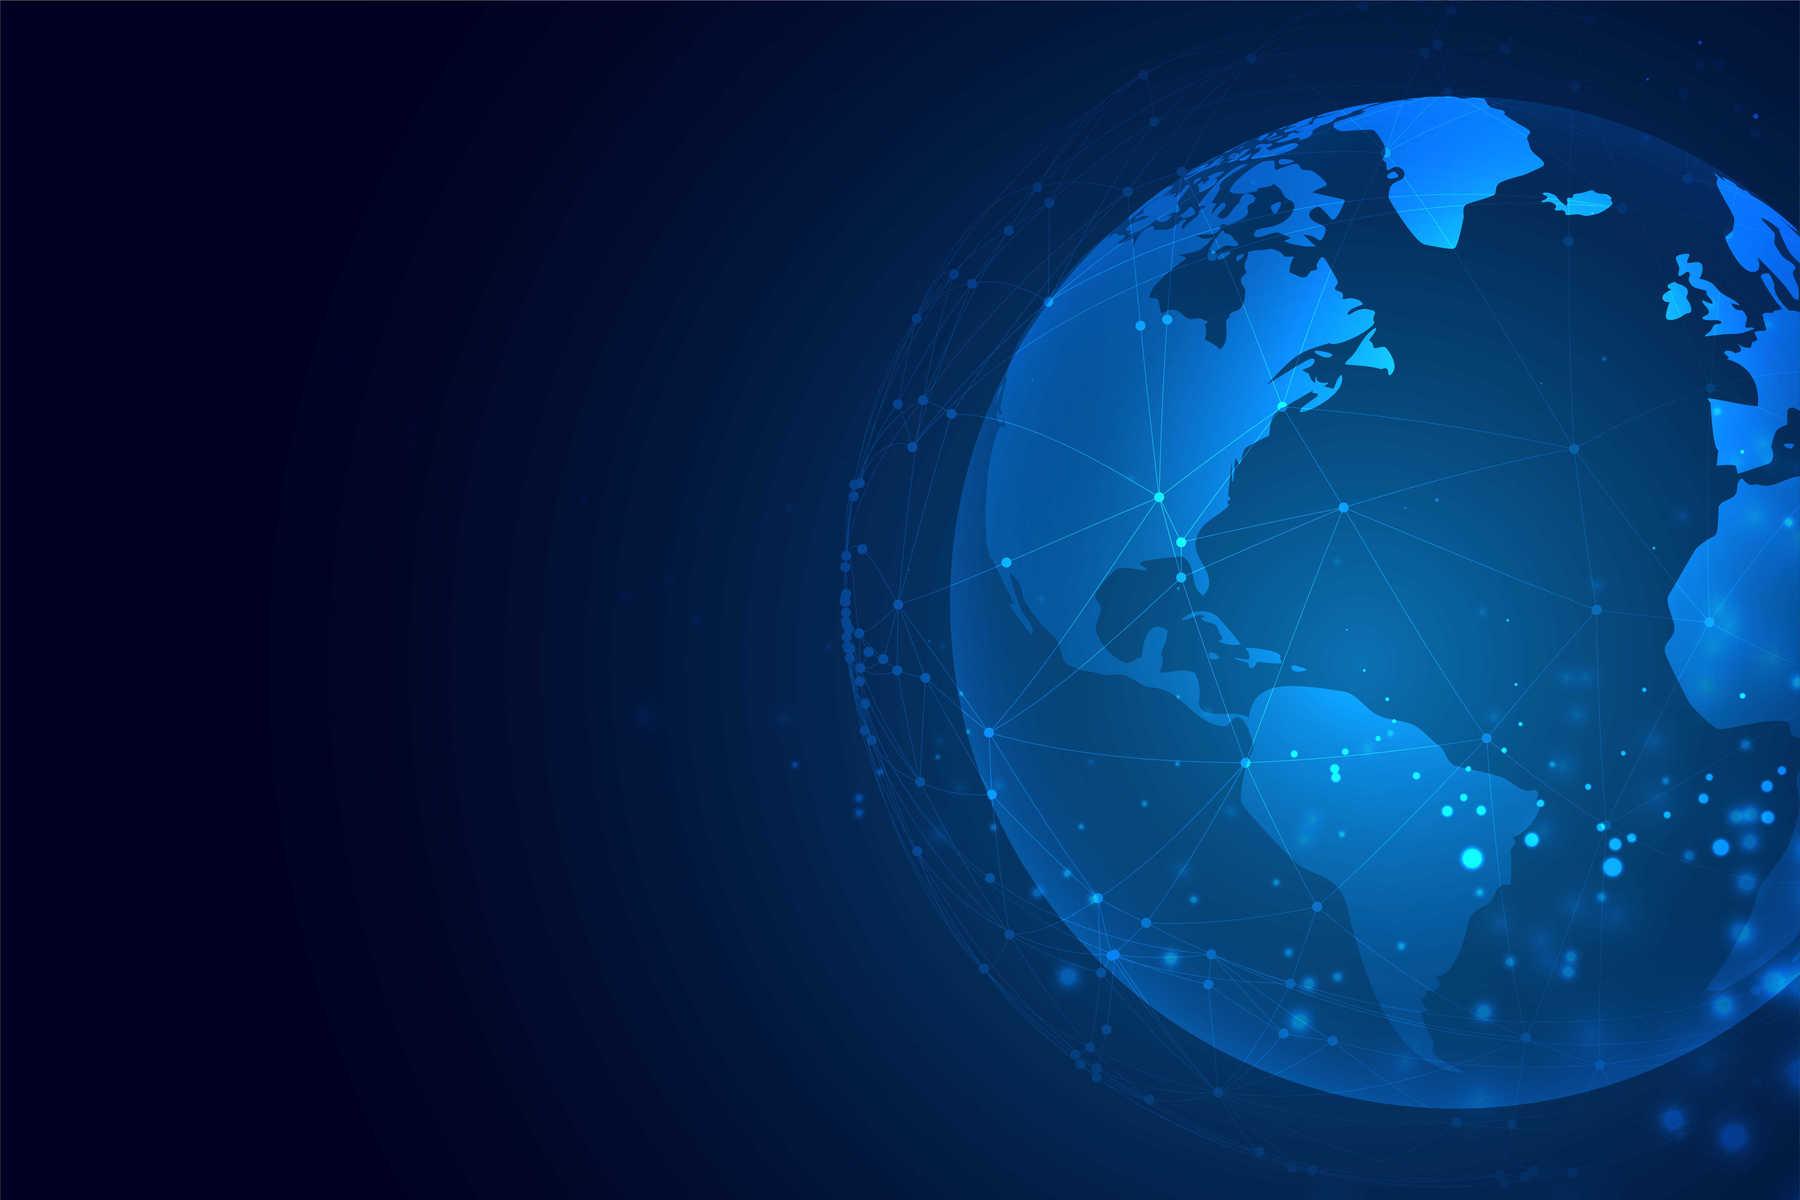 """השקעות נדל""""ן בחו""""ל – כל המידע הרלוונטי למתעניינים בנדל""""ן בחו""""ל"""